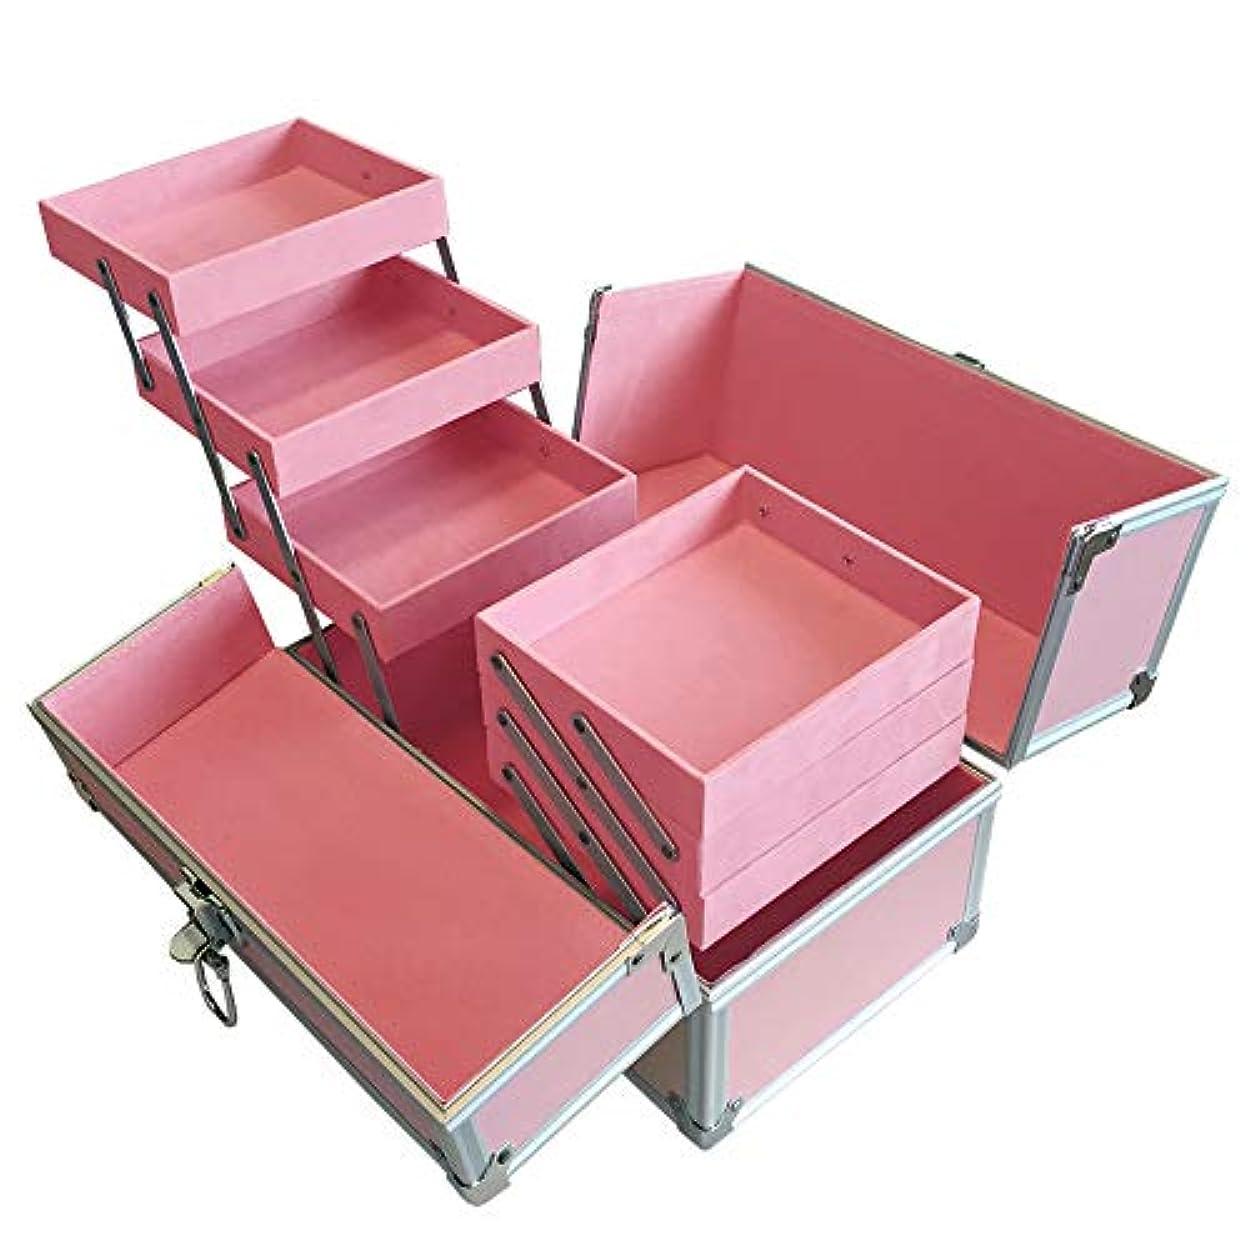 聖人熱ブリーフケースリライアブル コスメボックス RB003-PP 鍵付き プロ仕様 メイクボックス 大容量 化粧品収納 小物入れ 6段トレー ベロア メイクケース コスメBOX 持ち運び ネイルケース